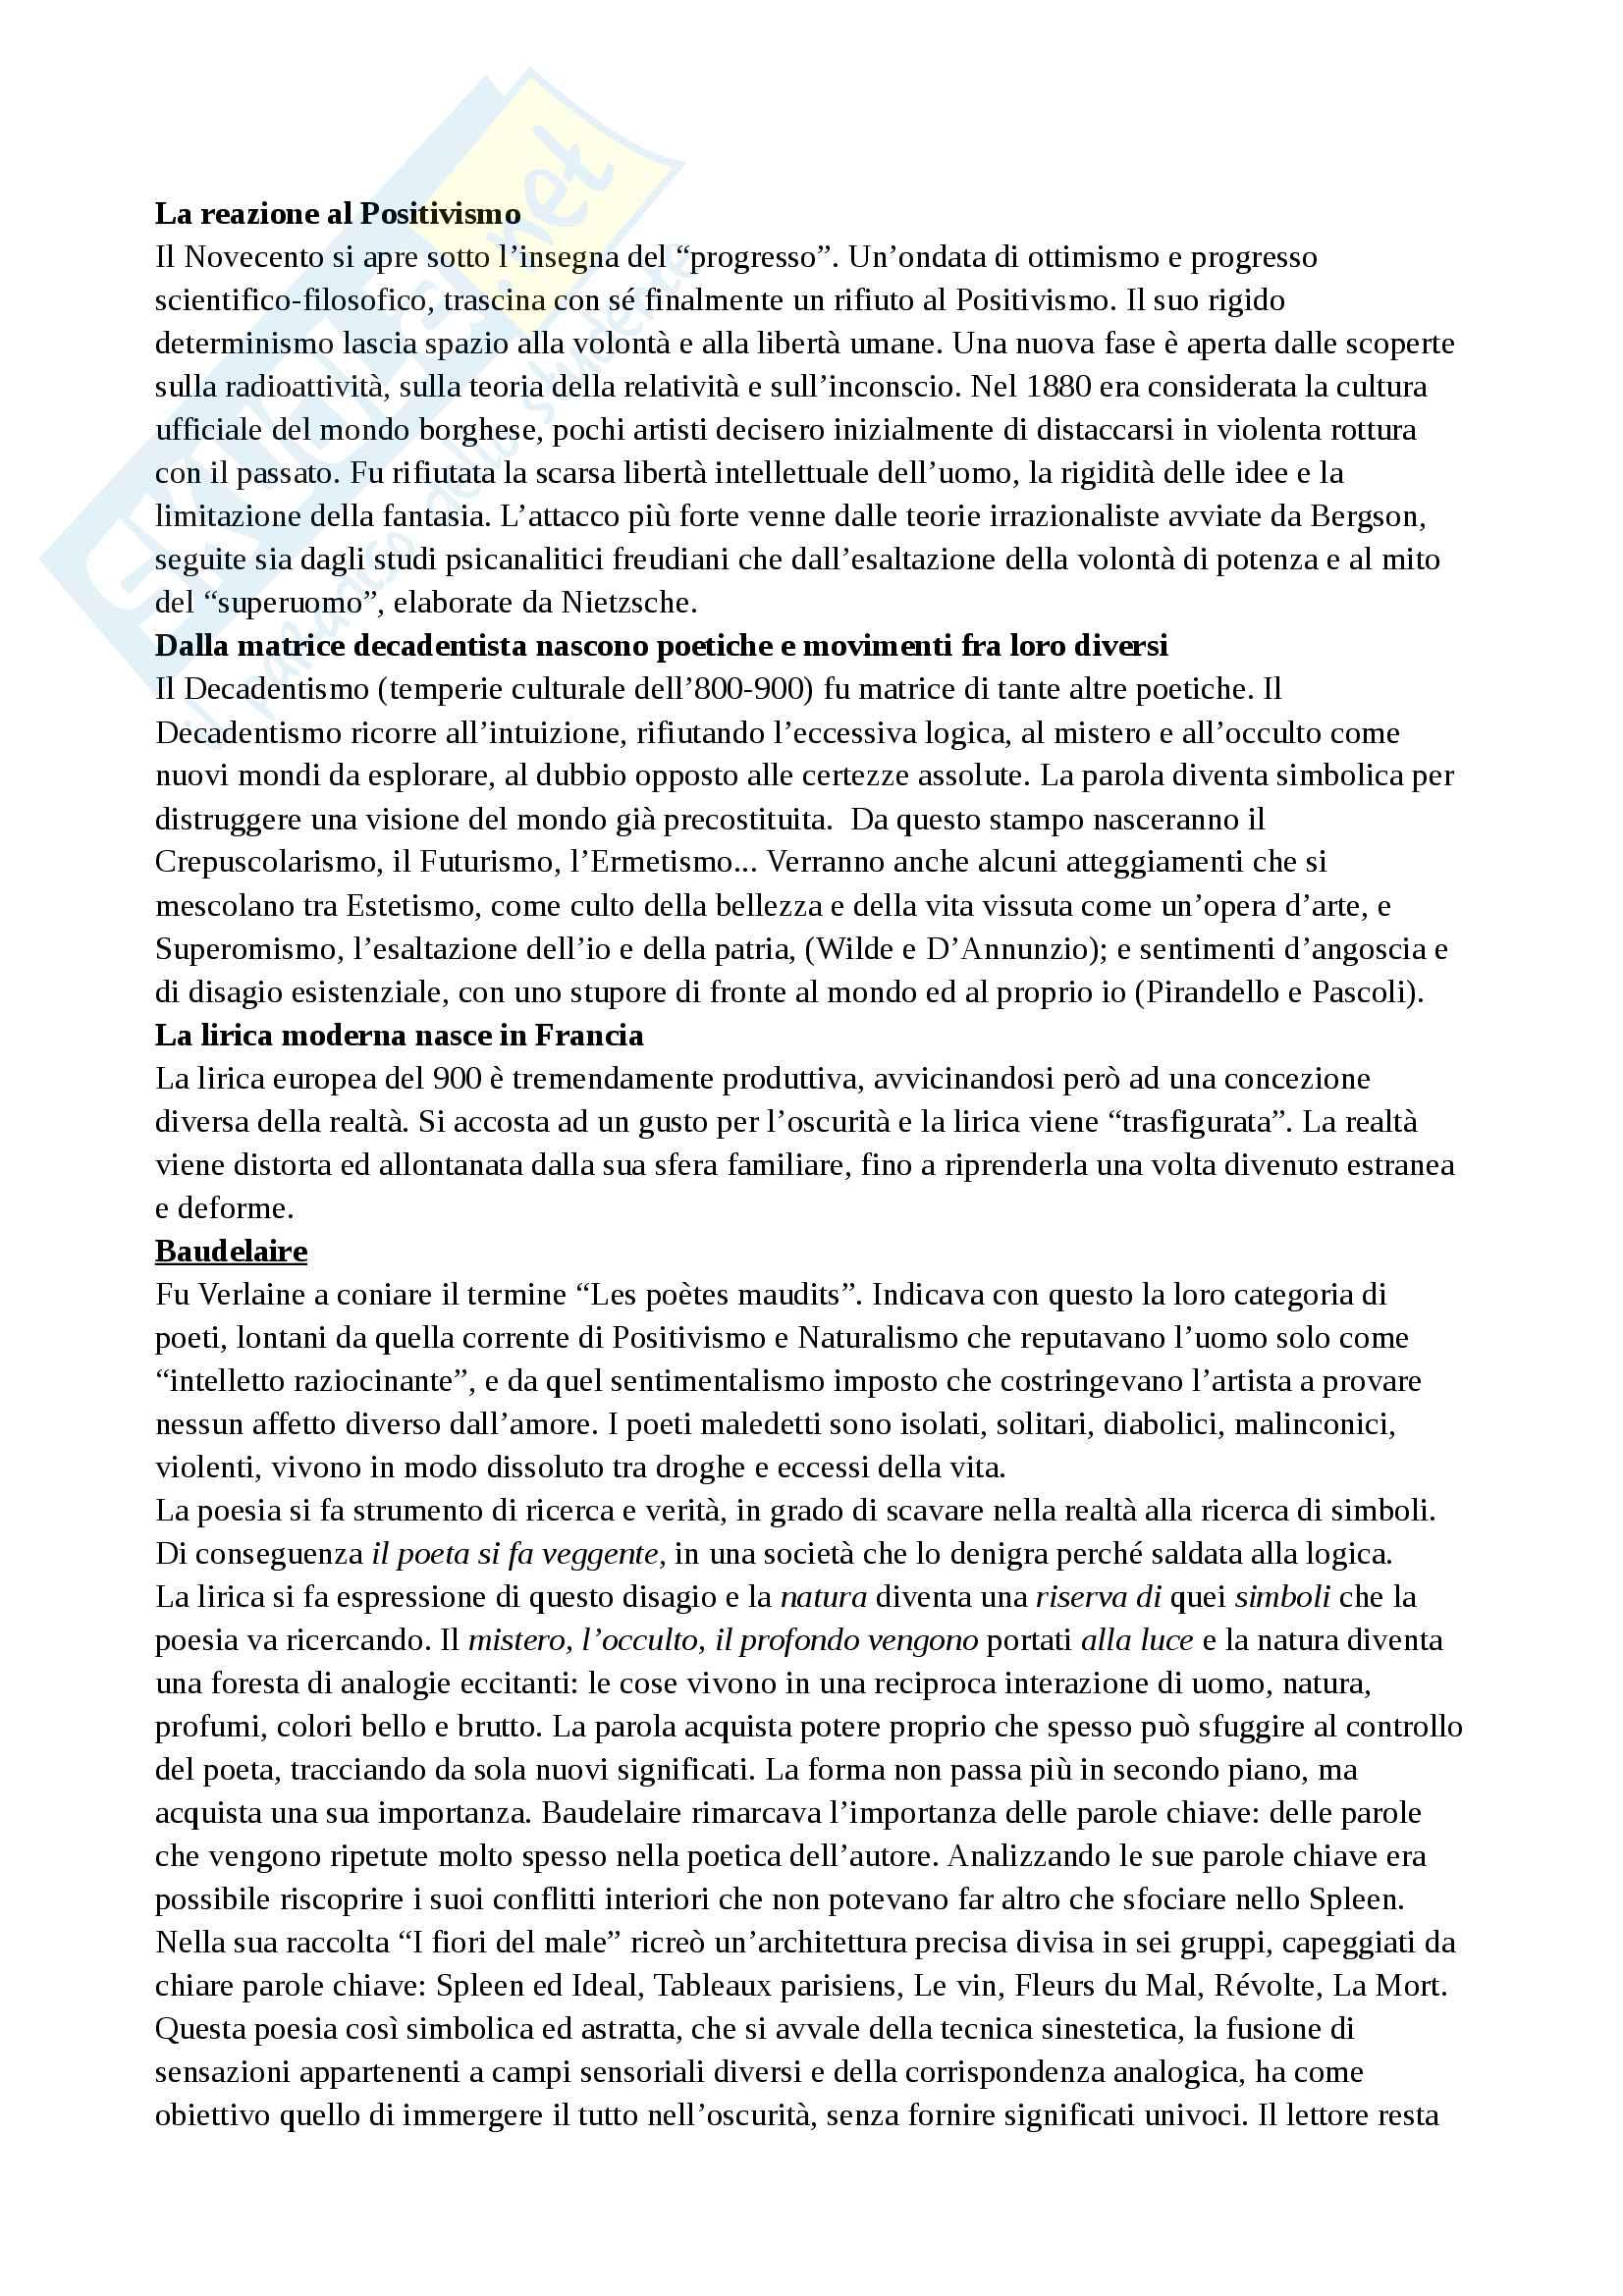 Riassunto esame letteratura contemporanea, libro consigliato Come leggere il novecento letterario italiano, integrato da appunti